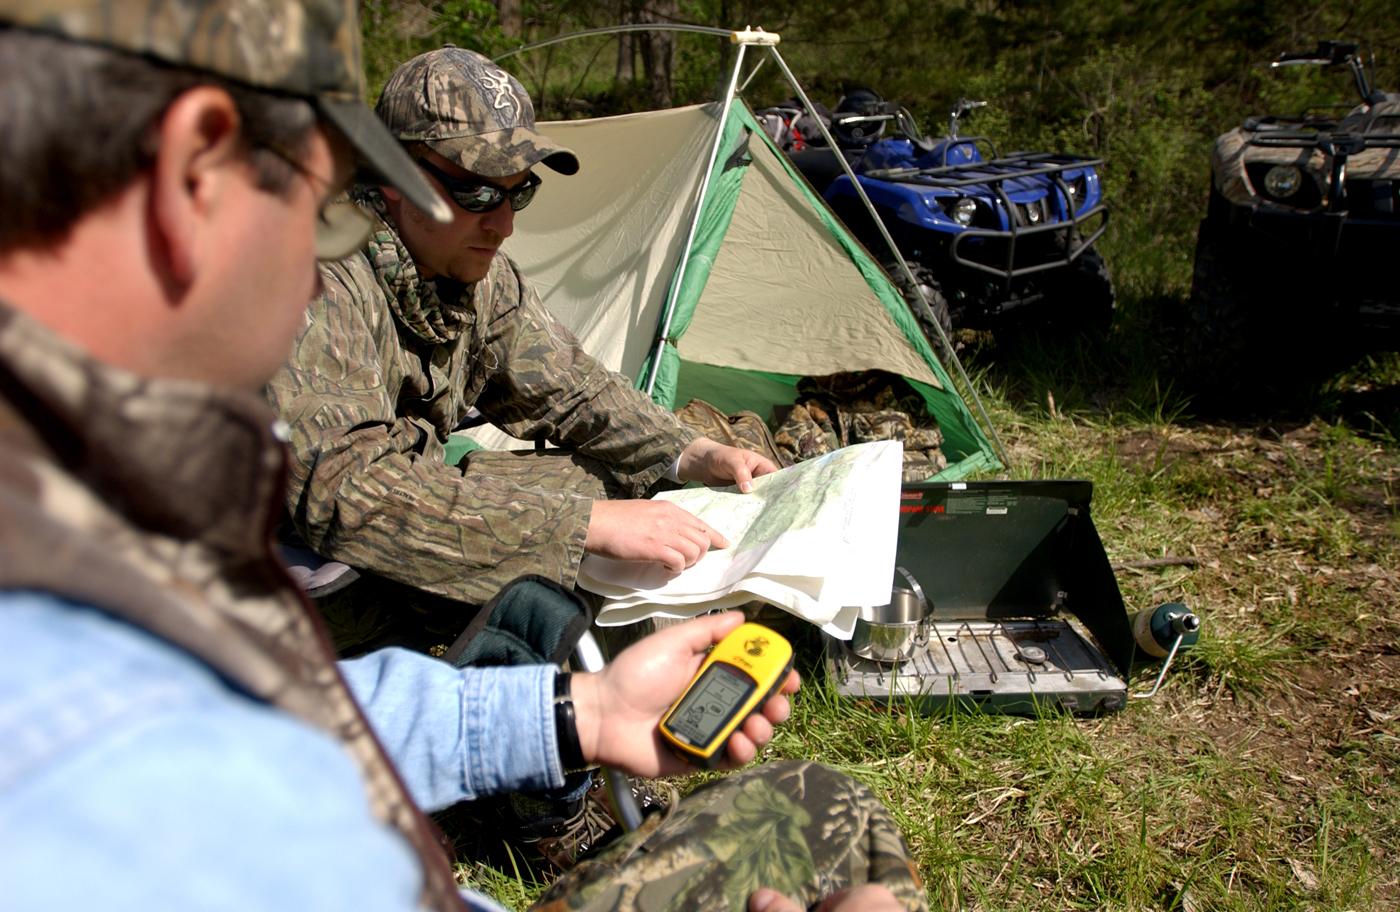 навигаторы для отдыха охоты и рыбалки